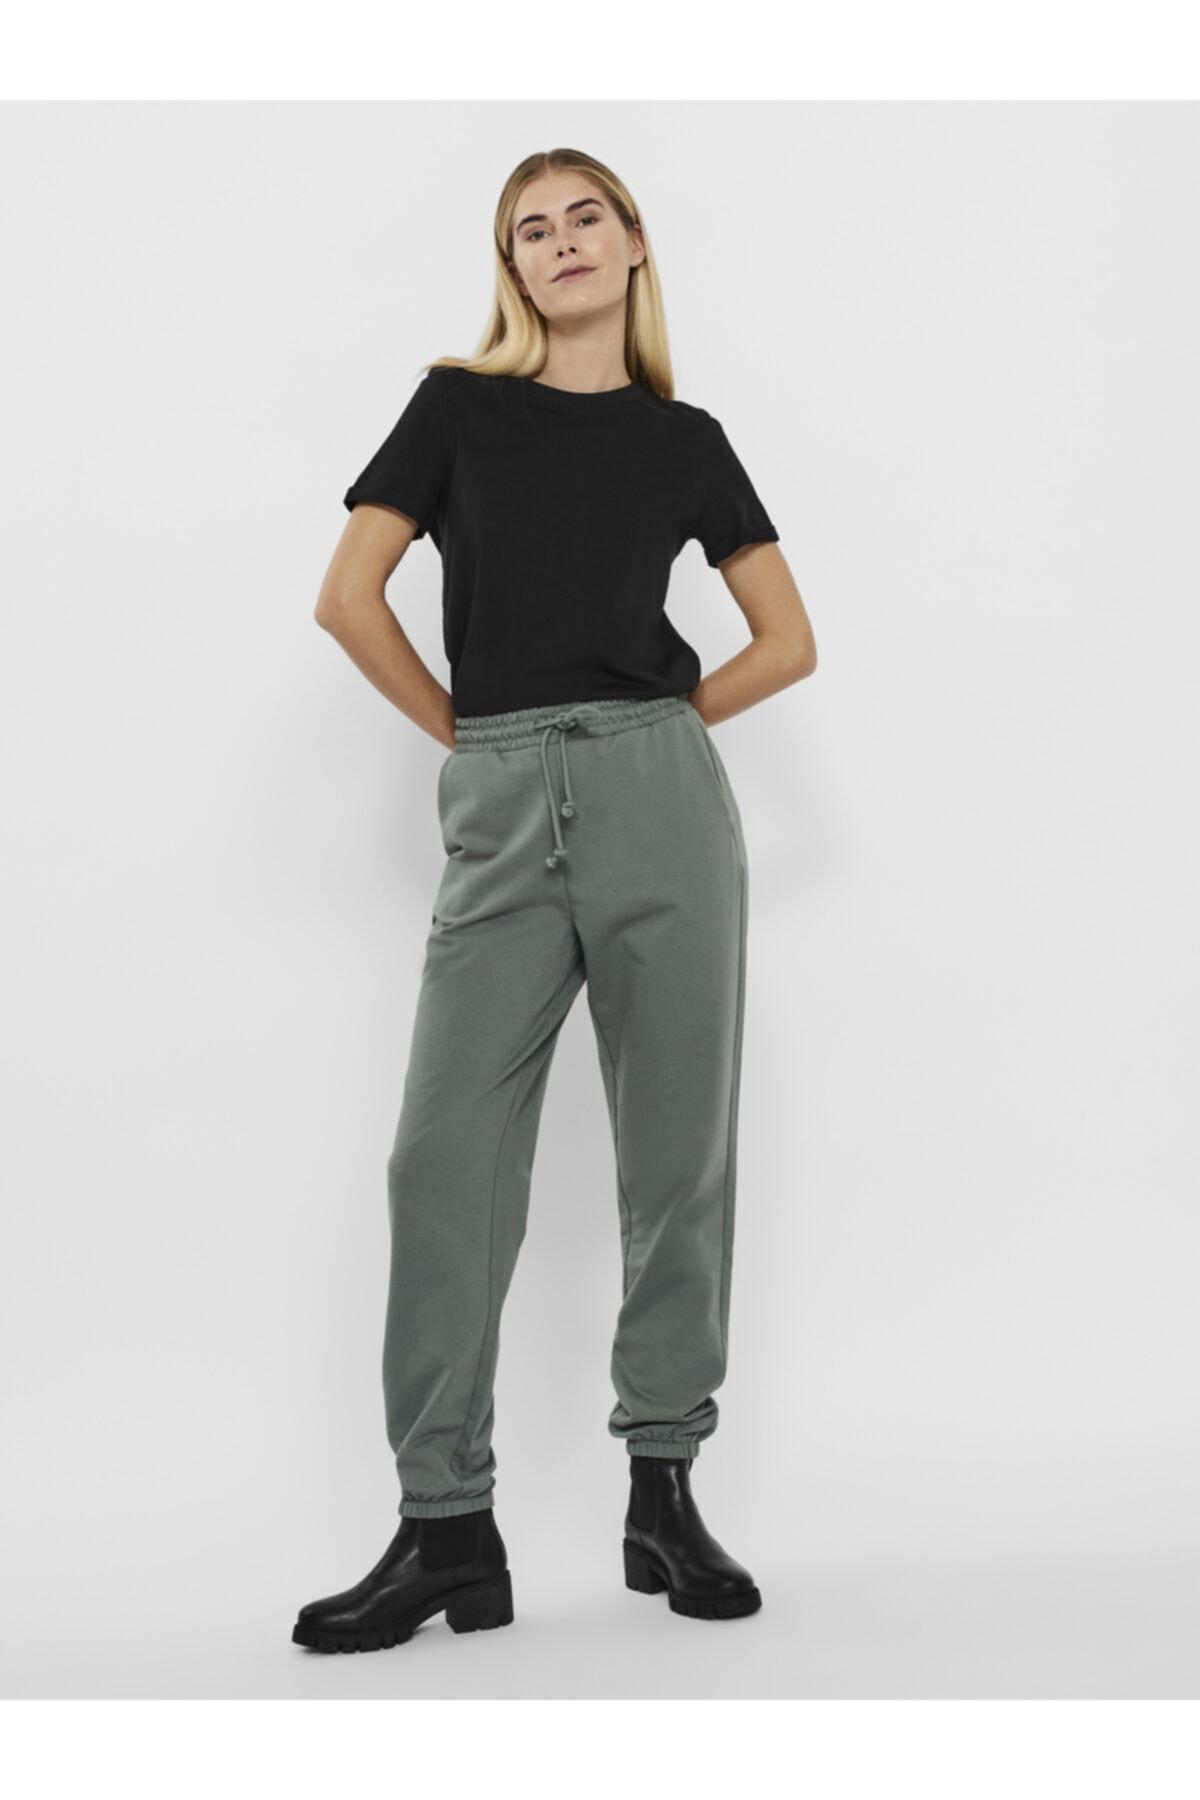 Vero Moda Kadın Yeşil Paçası Lastikli Yüksek Bel  Pantolon 1